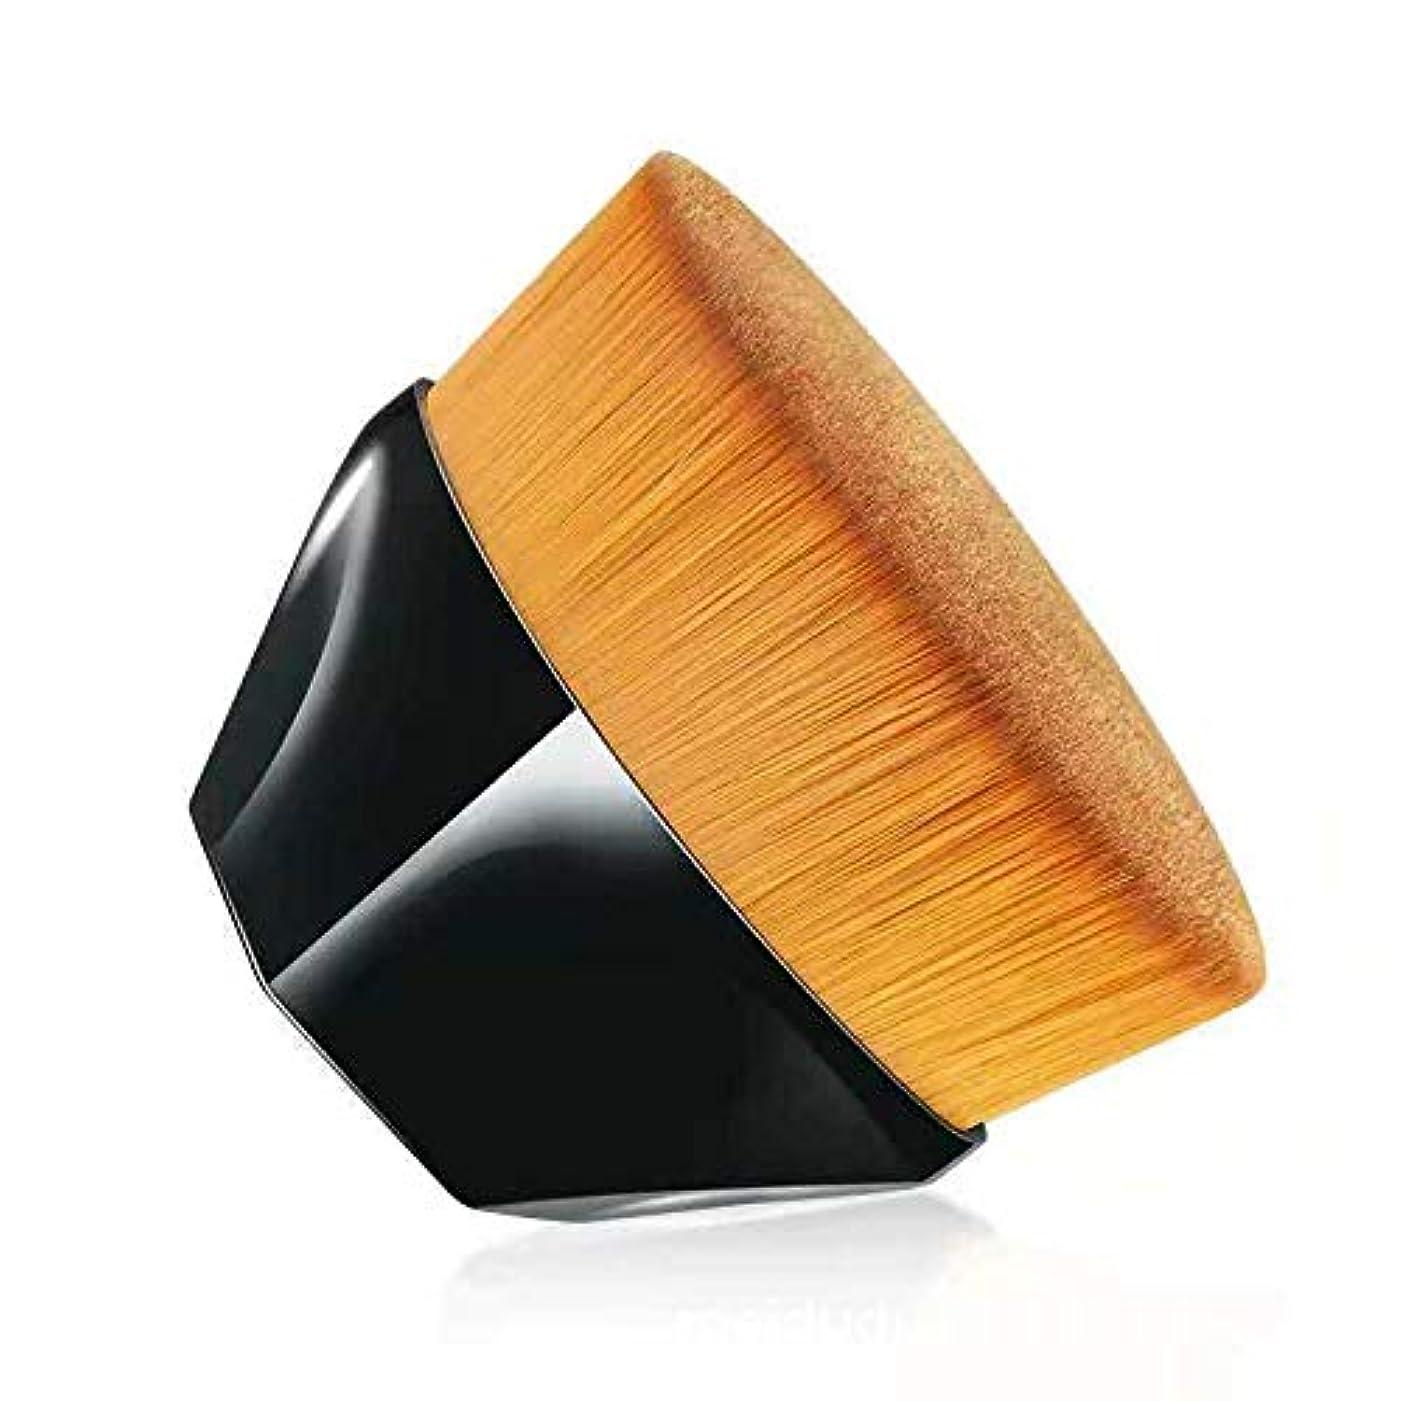 切るズーム新しい意味柔らかい高級繊維毛化粧ブラシ 携帯便利メイクアップブラシ?肌にやさしいファンデーションブラシ?化粧筆 (ブラック)